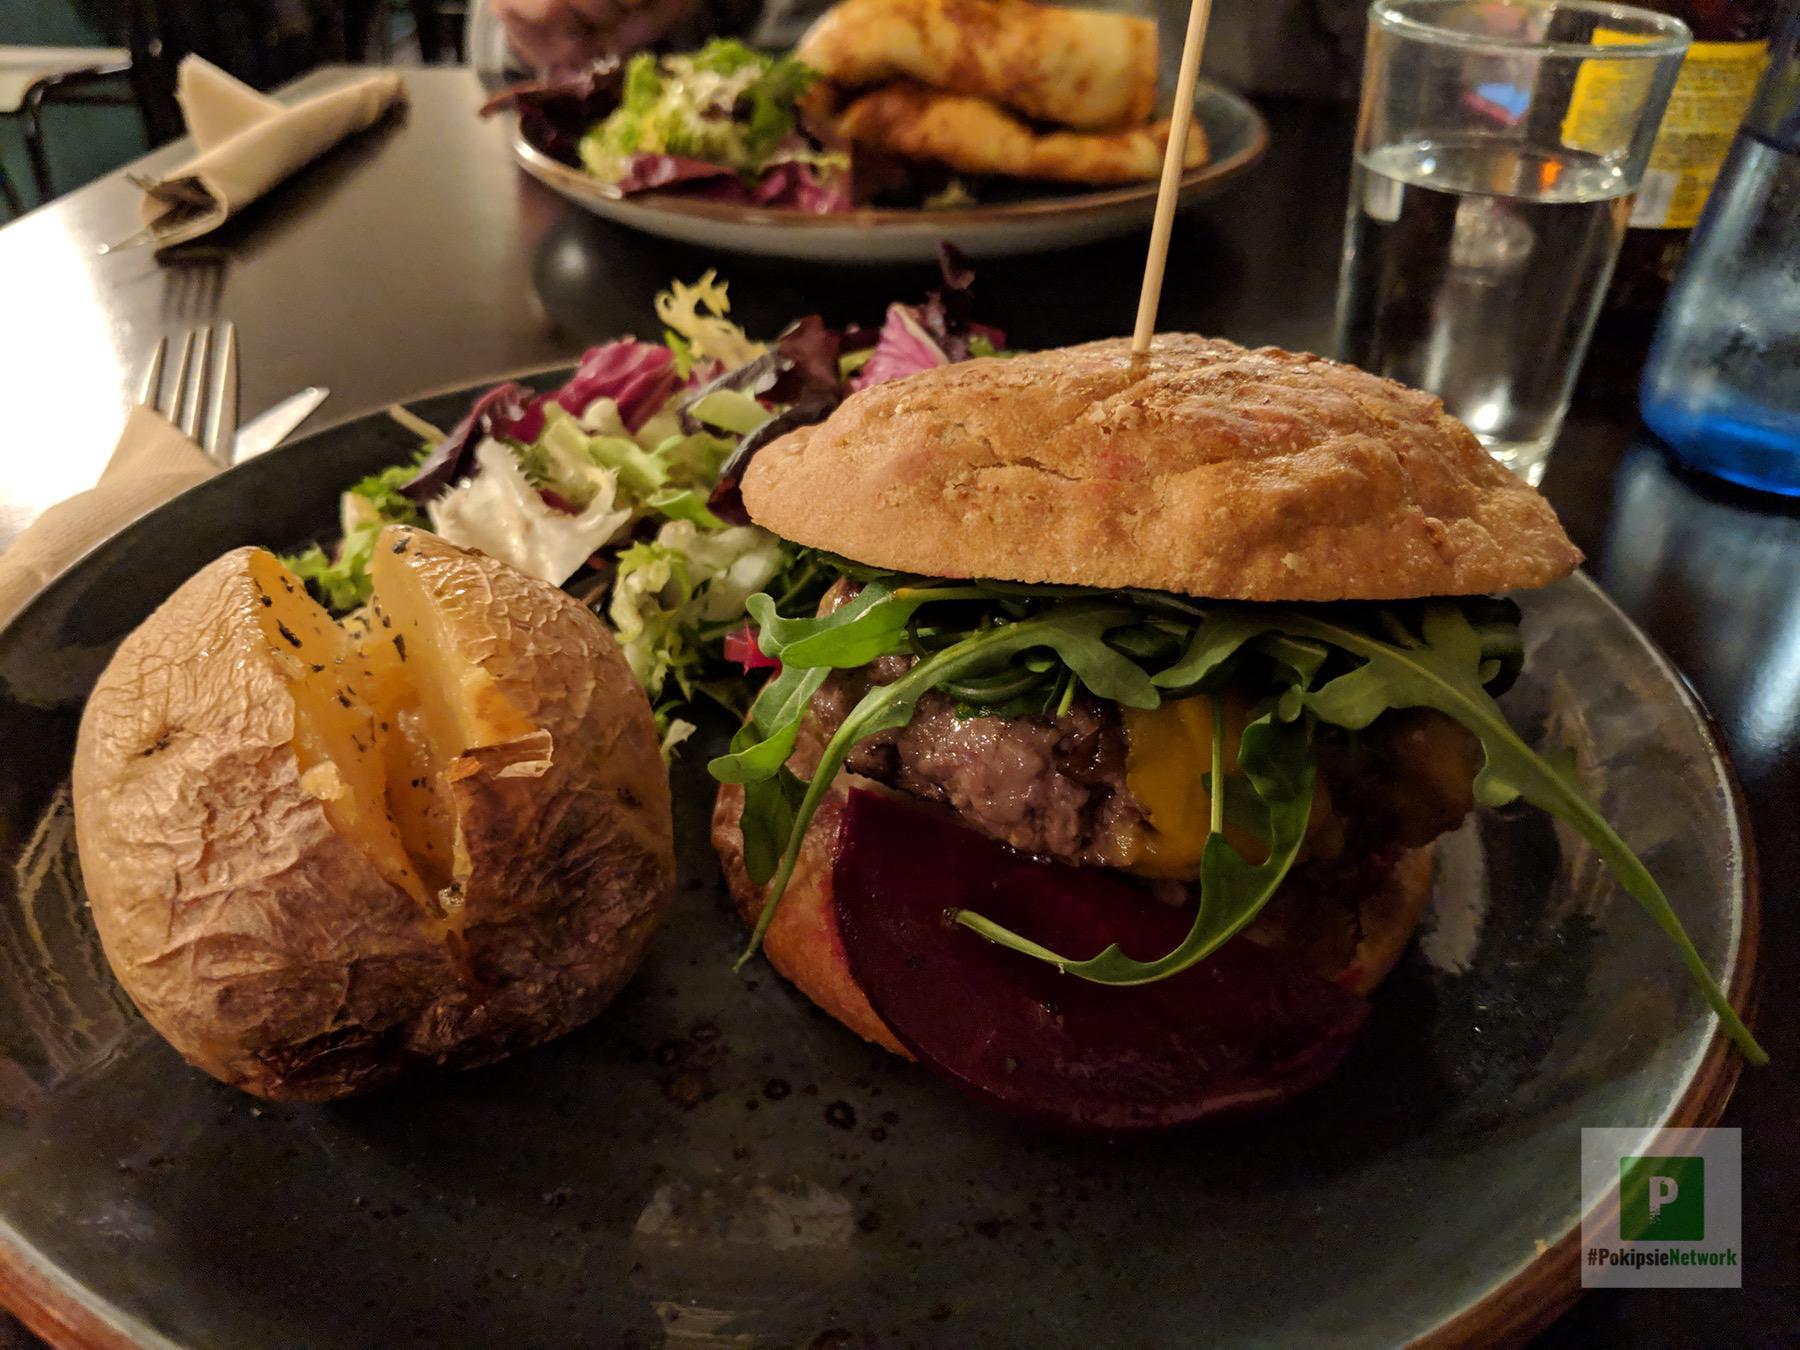 glutenfreier Burger mit Salat und einer Backkartoffel